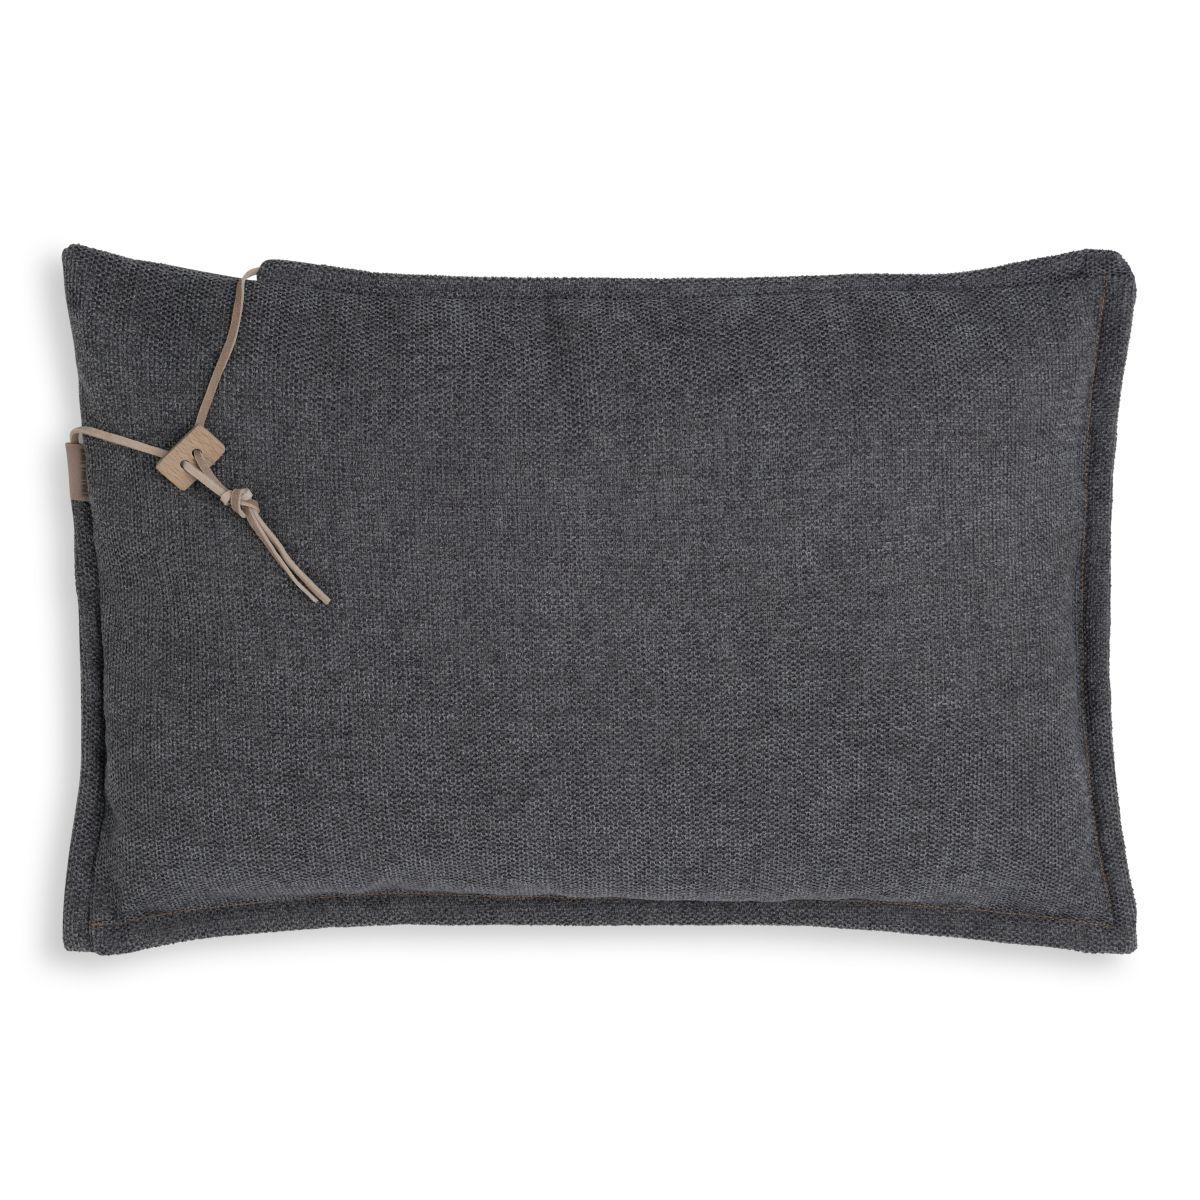 knit factory kf153013010 imre kussen antraciet 60x40 1